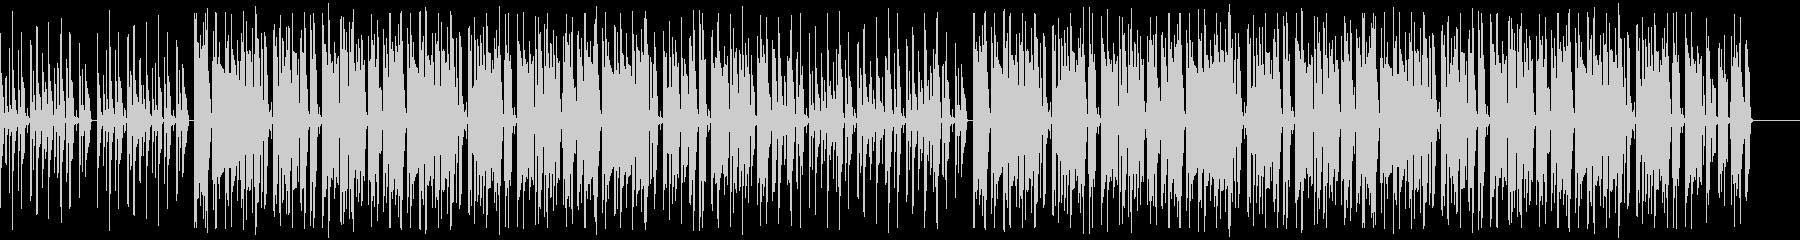 グルーヴィでダンサンブルなファンクの未再生の波形